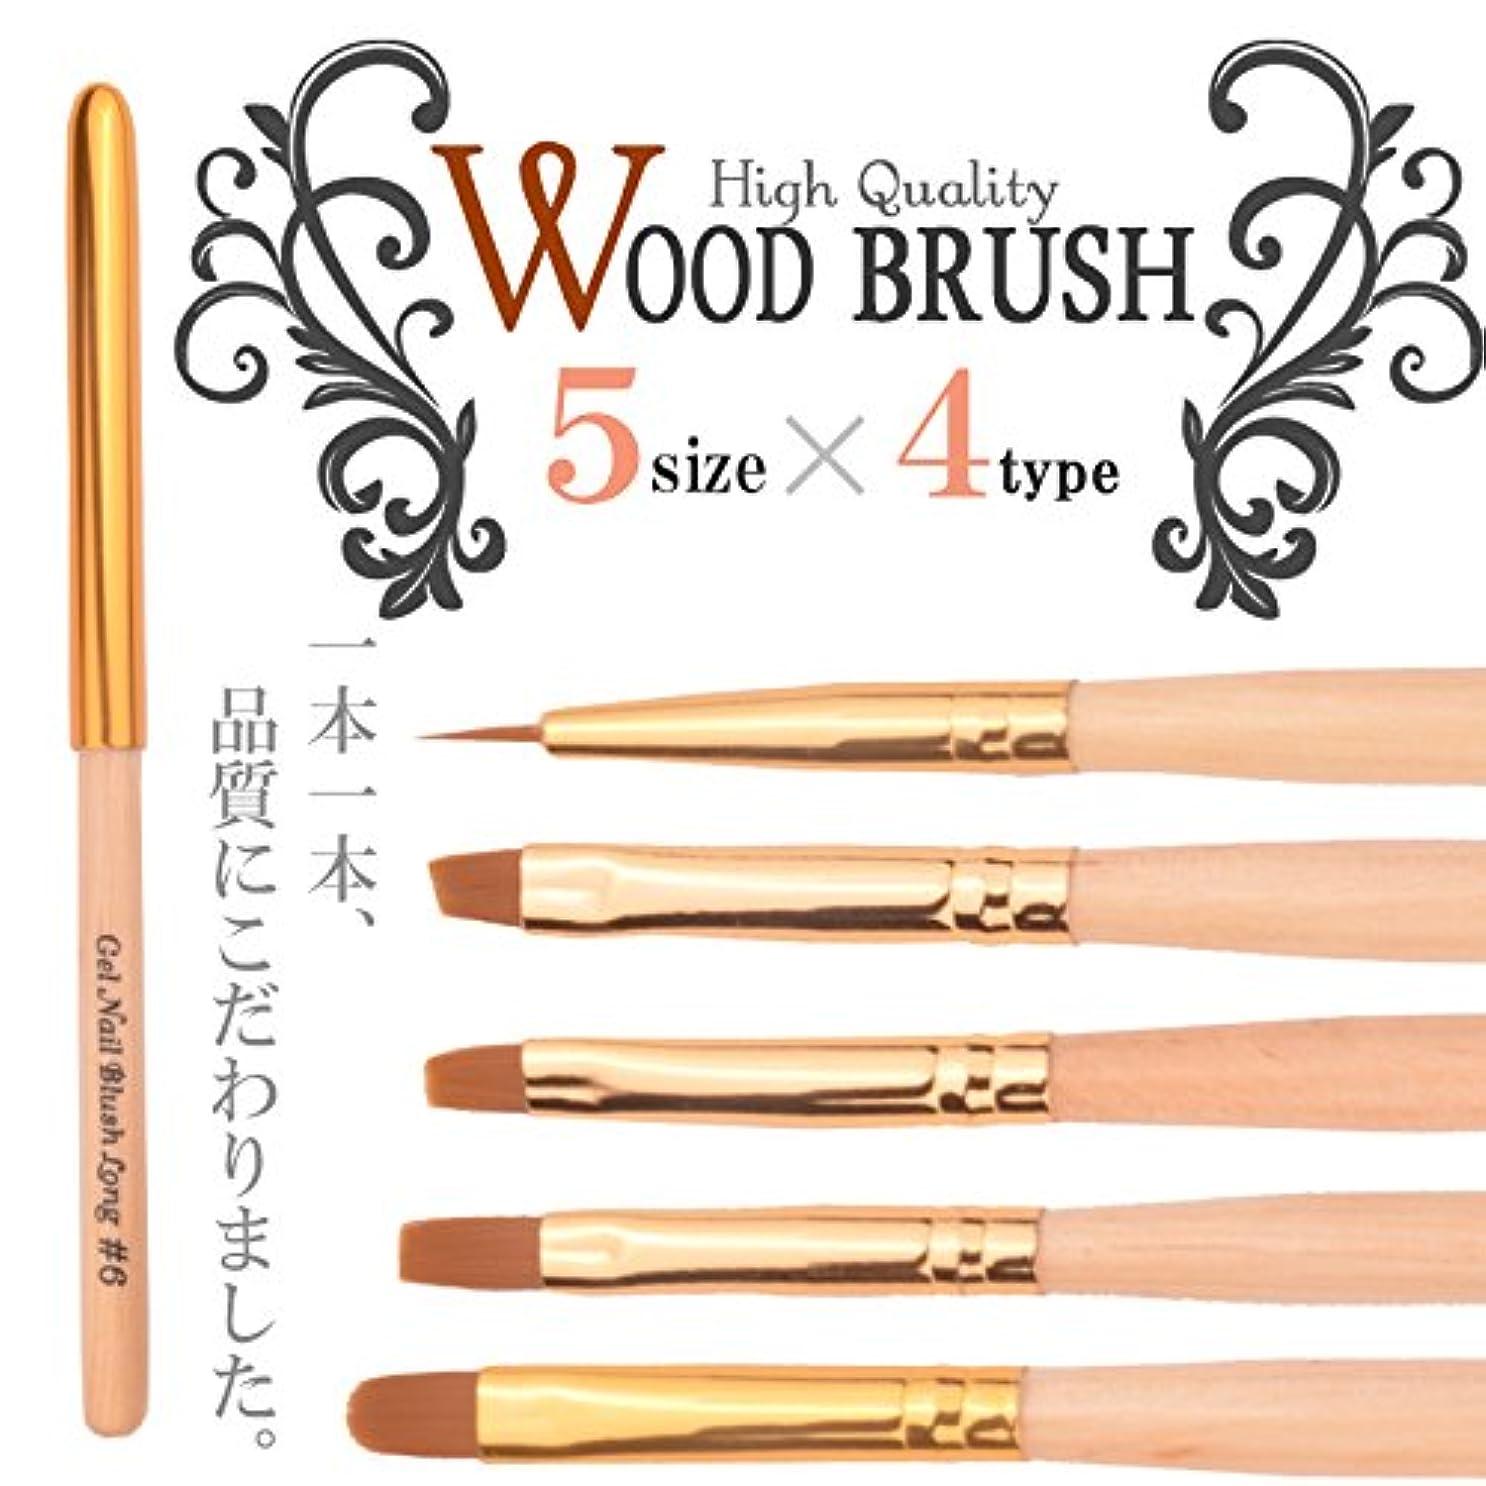 フロー市場反響する高級木製 ネイル筆 ブラシ (平筆 ラウンド フレンチ ライン)キャップ付選べる20タイプ (ラウンド, 3号)